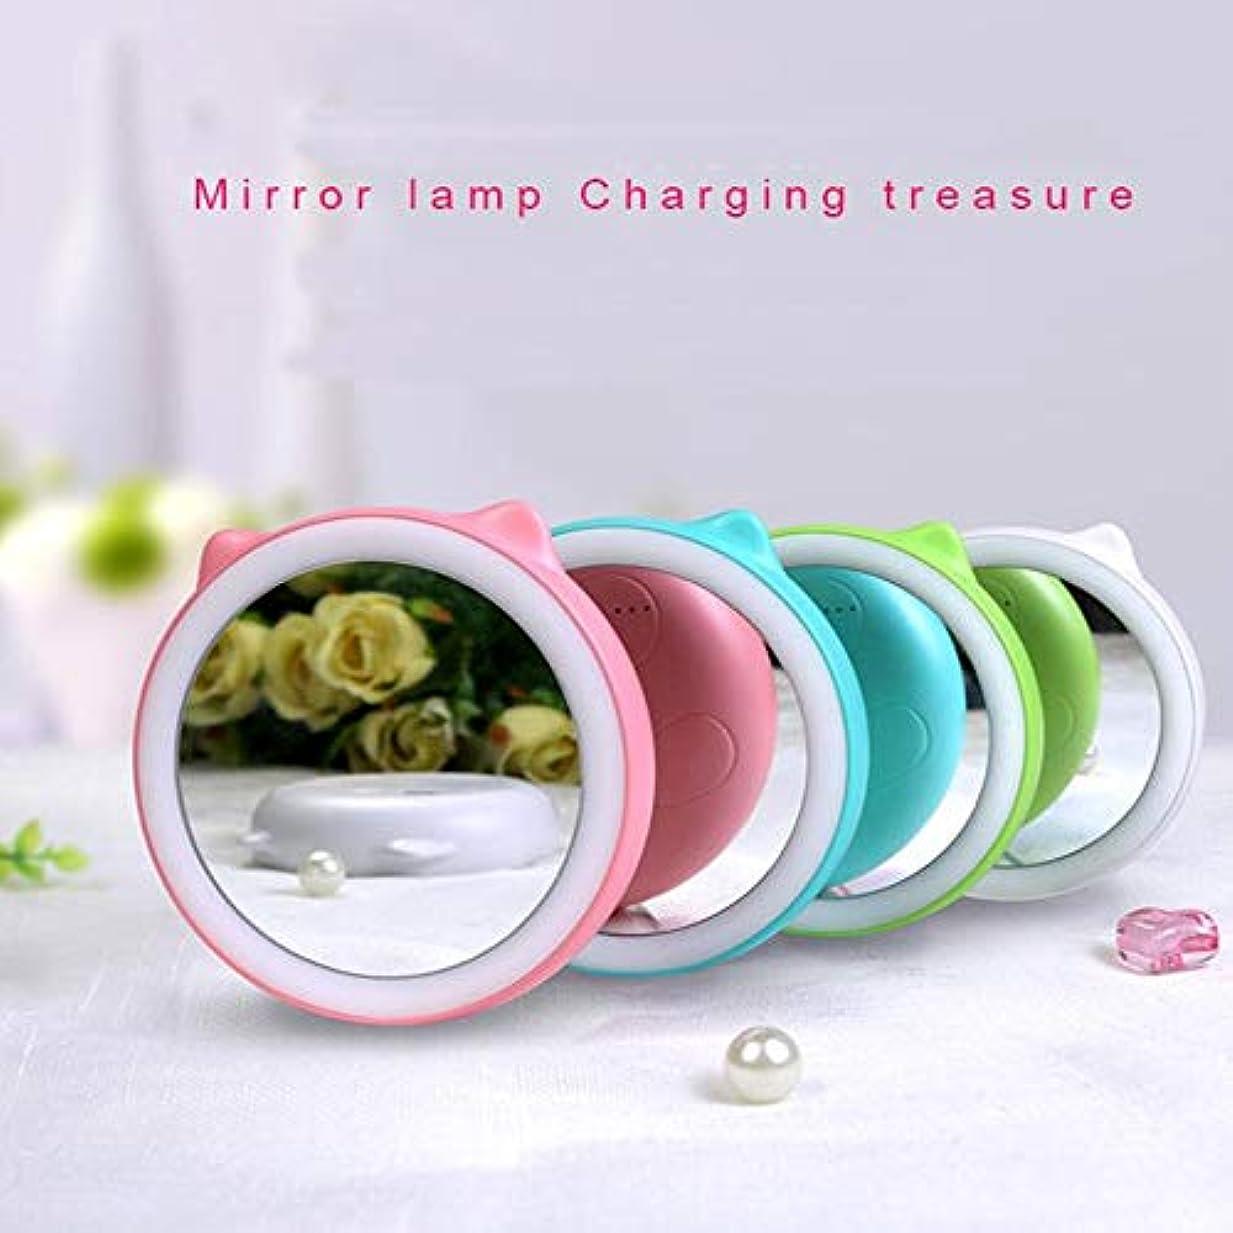 自治的どちらも鋸歯状流行の ポータブルLED化粧鏡充電宝物充填光鏡多機能タイミングデザイン美容鏡化粧鏡4ブルーグリーンピンクホワイト直径9センチ厚さ2センチ (色 : Pink)